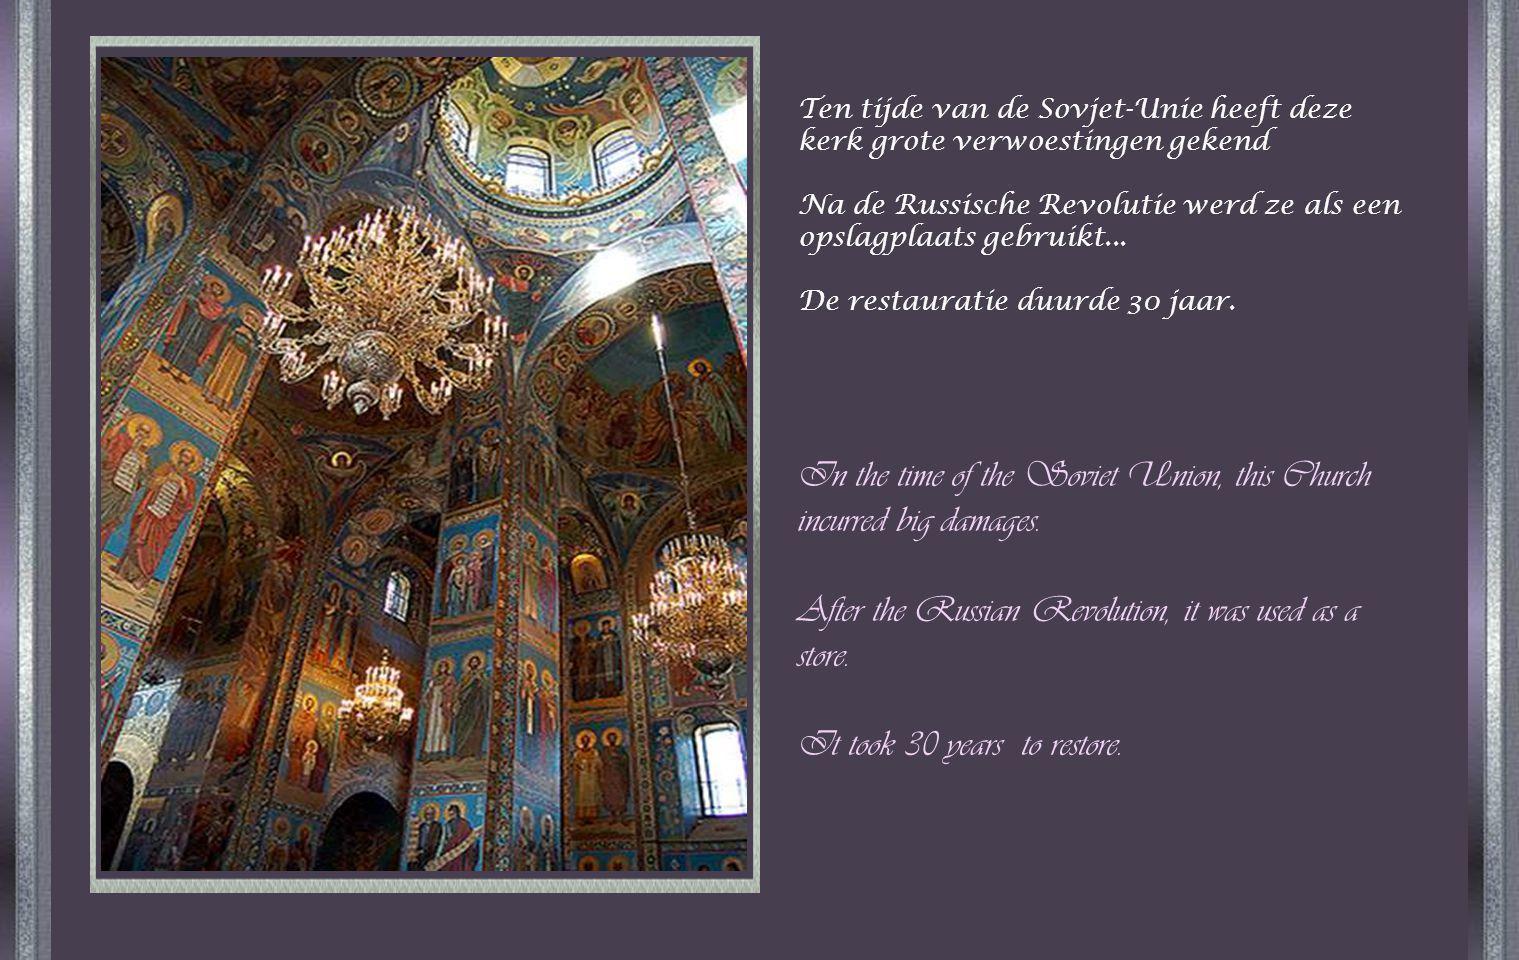 Ten tijde van de Sovjet-Unie heeft deze kerk grote verwoestingen gekend Na de Russische Revolutie werd ze als een opslagplaats gebruikt...